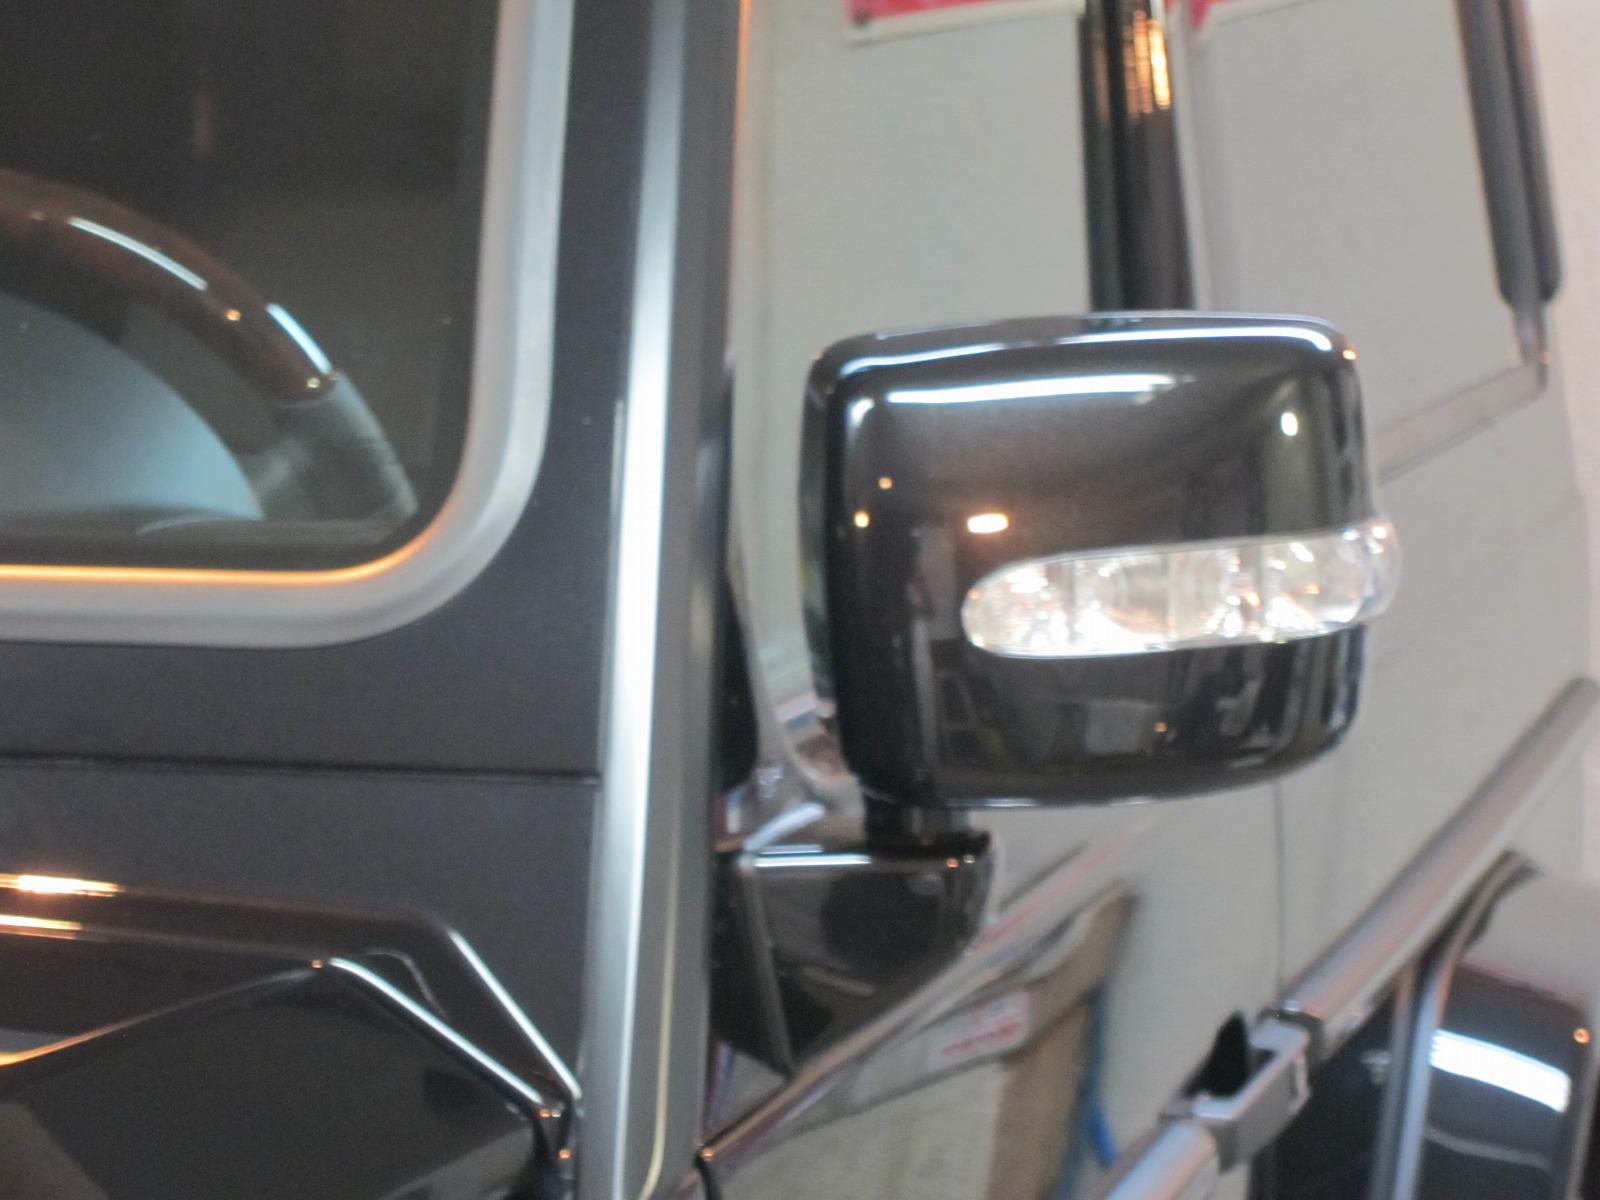 20130621-mercedes-benz-g320-04